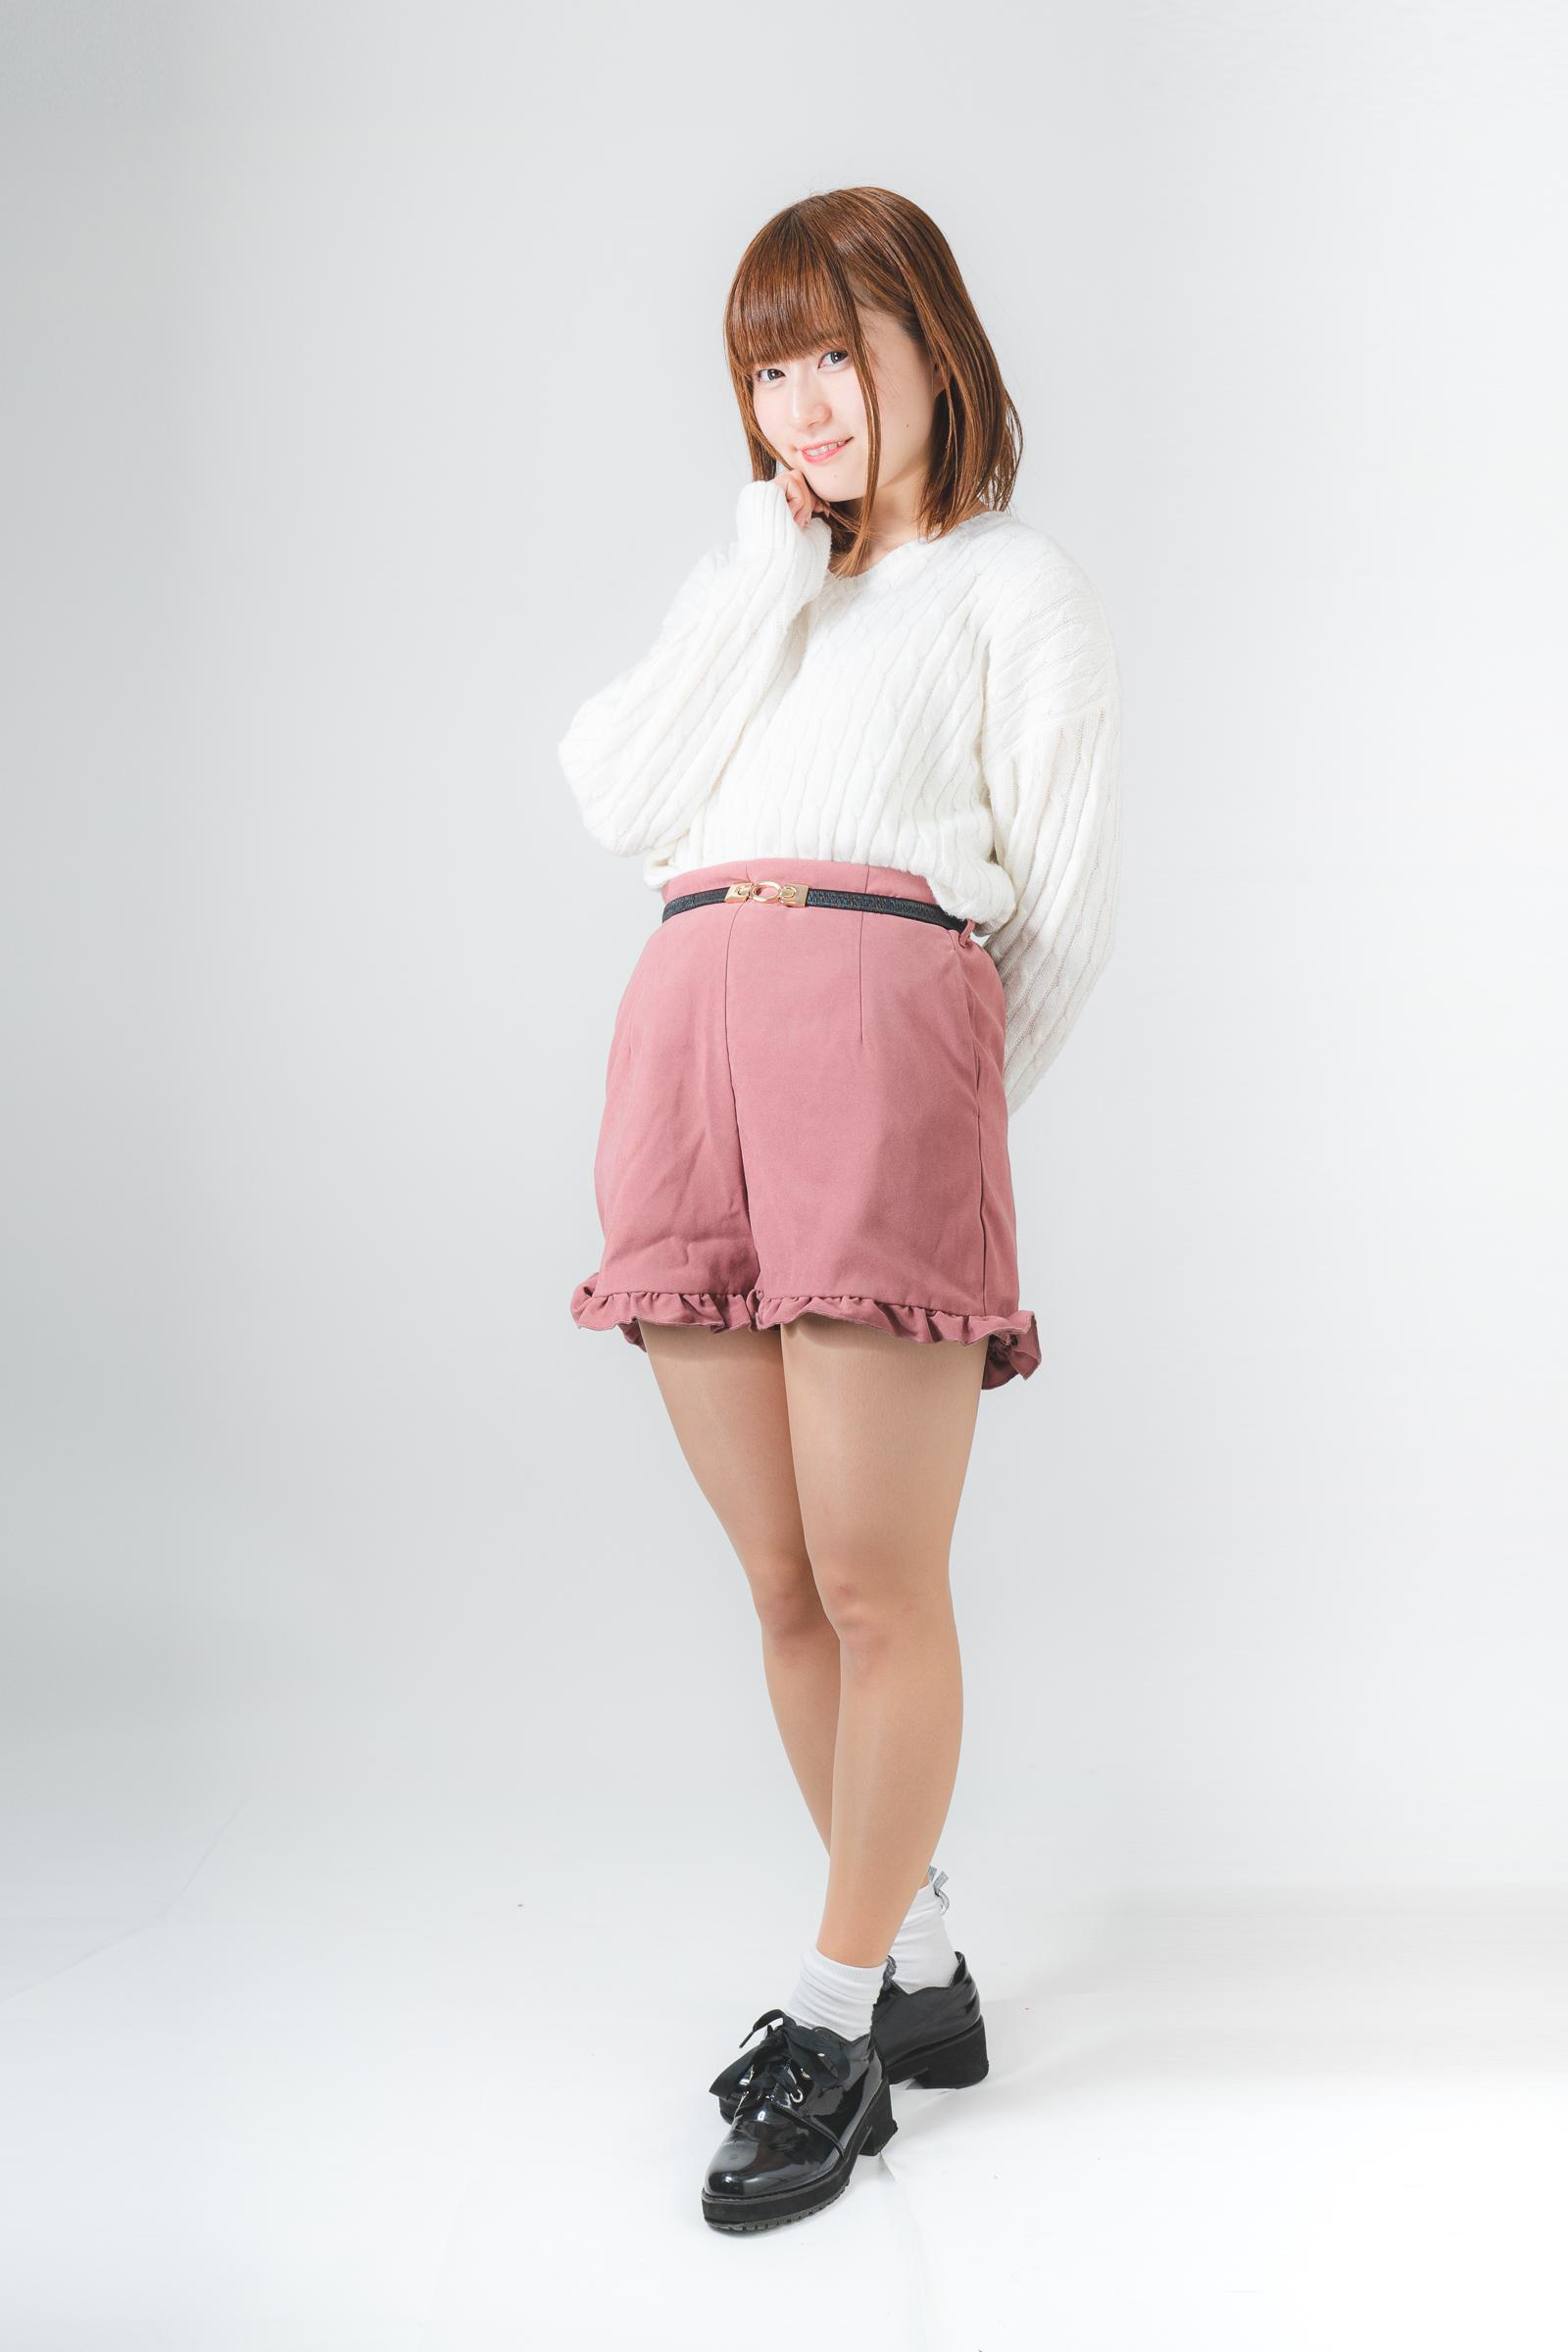 3代目HAPPY少女♪ あゆみ ( 新谷亜由美 ) | SMP 札幌モデルプロ 撮影会